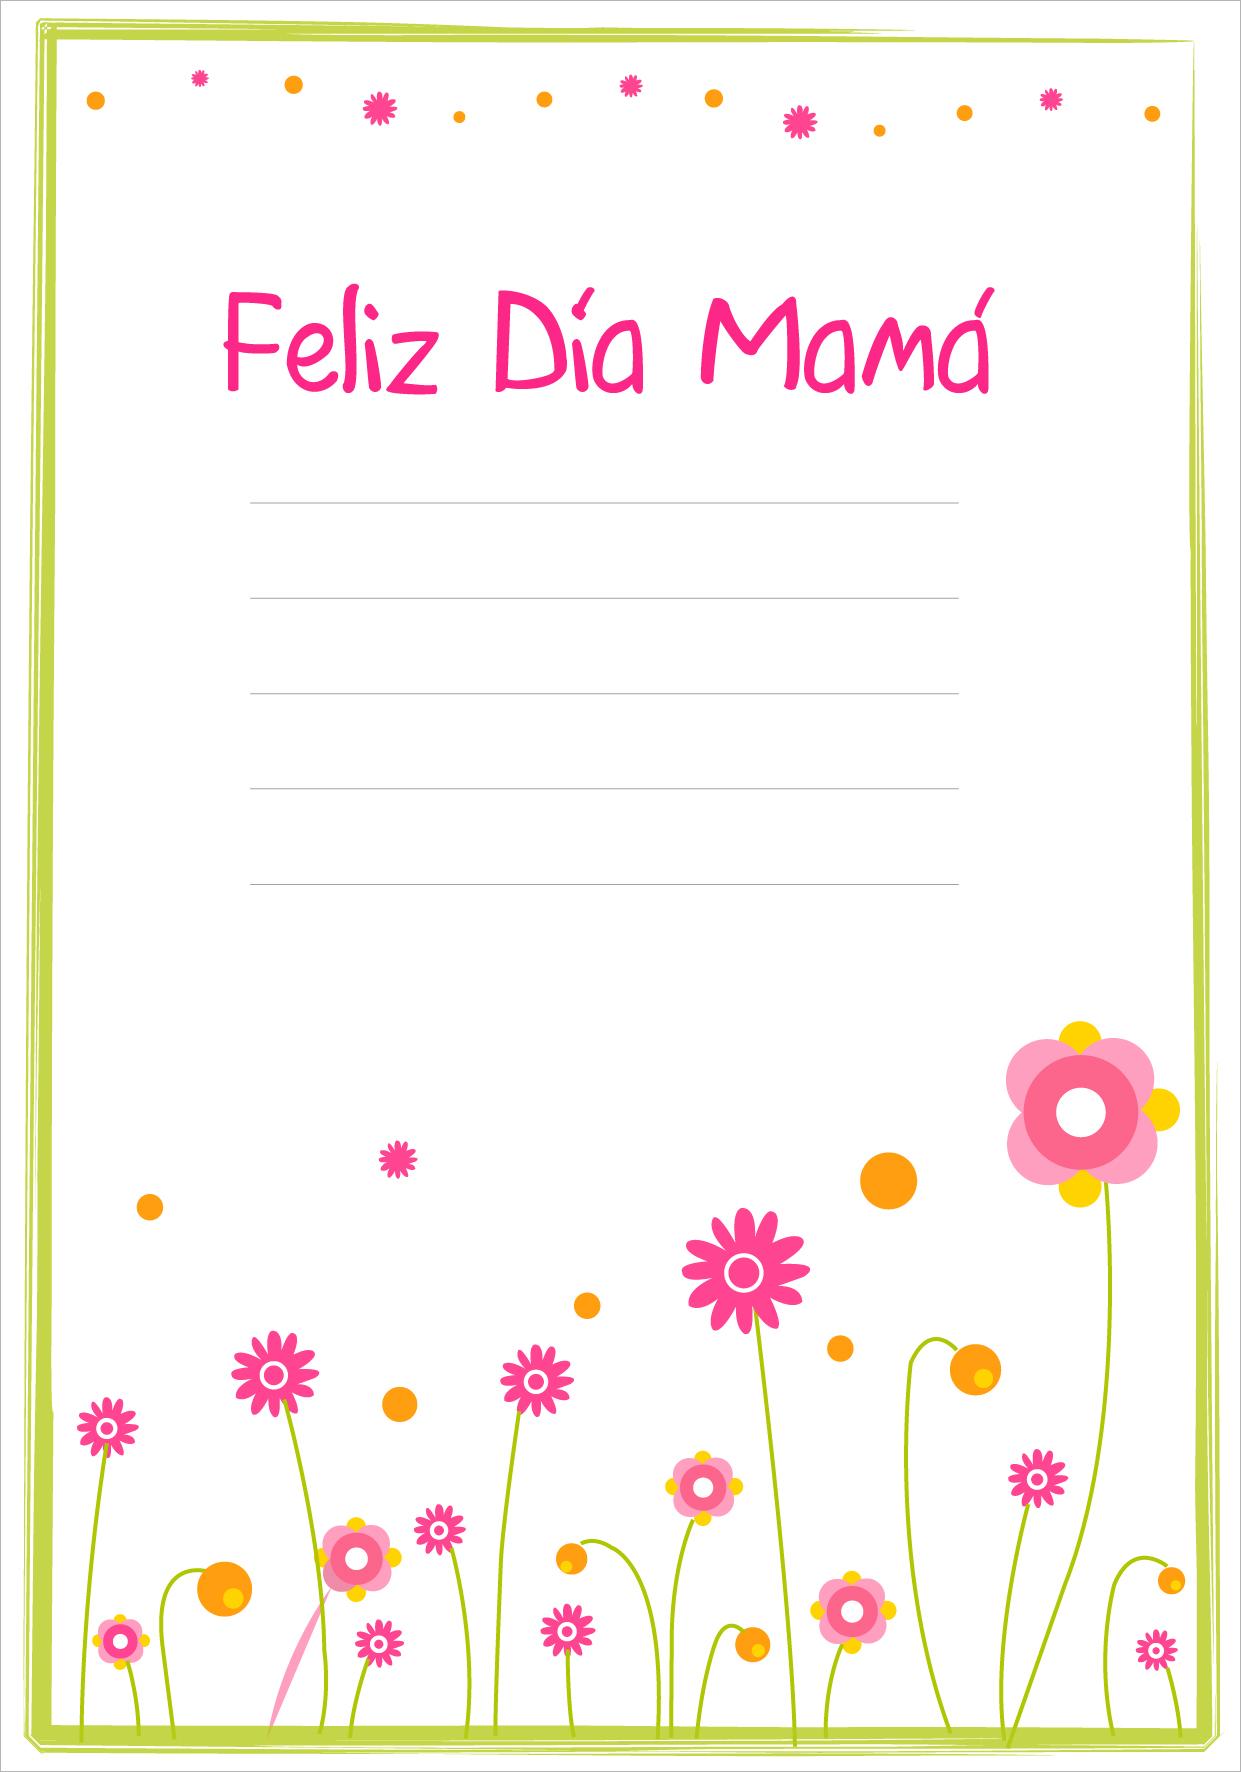 Fondos Invitacion Dia De Las Madres Fondos De Pantalla